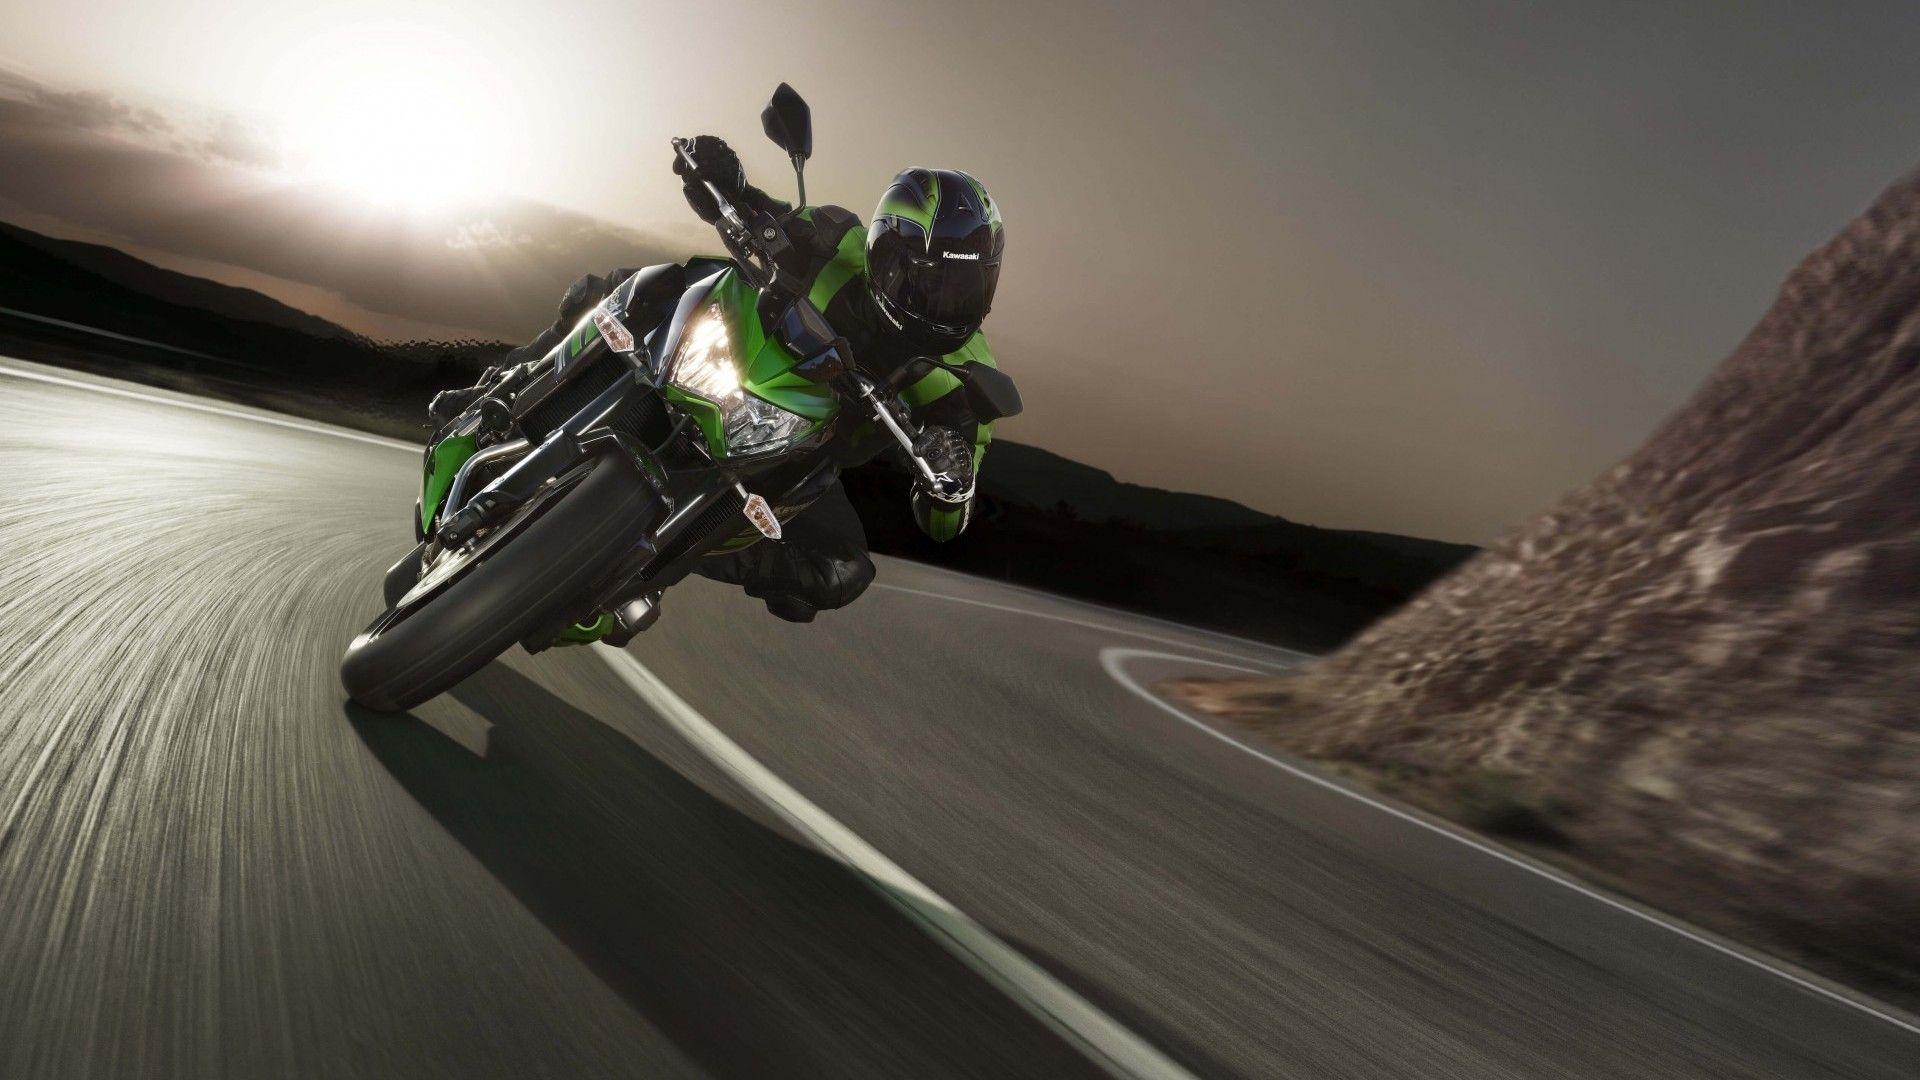 Kawasaki Ninja Zx10r HD Wallpapers 6